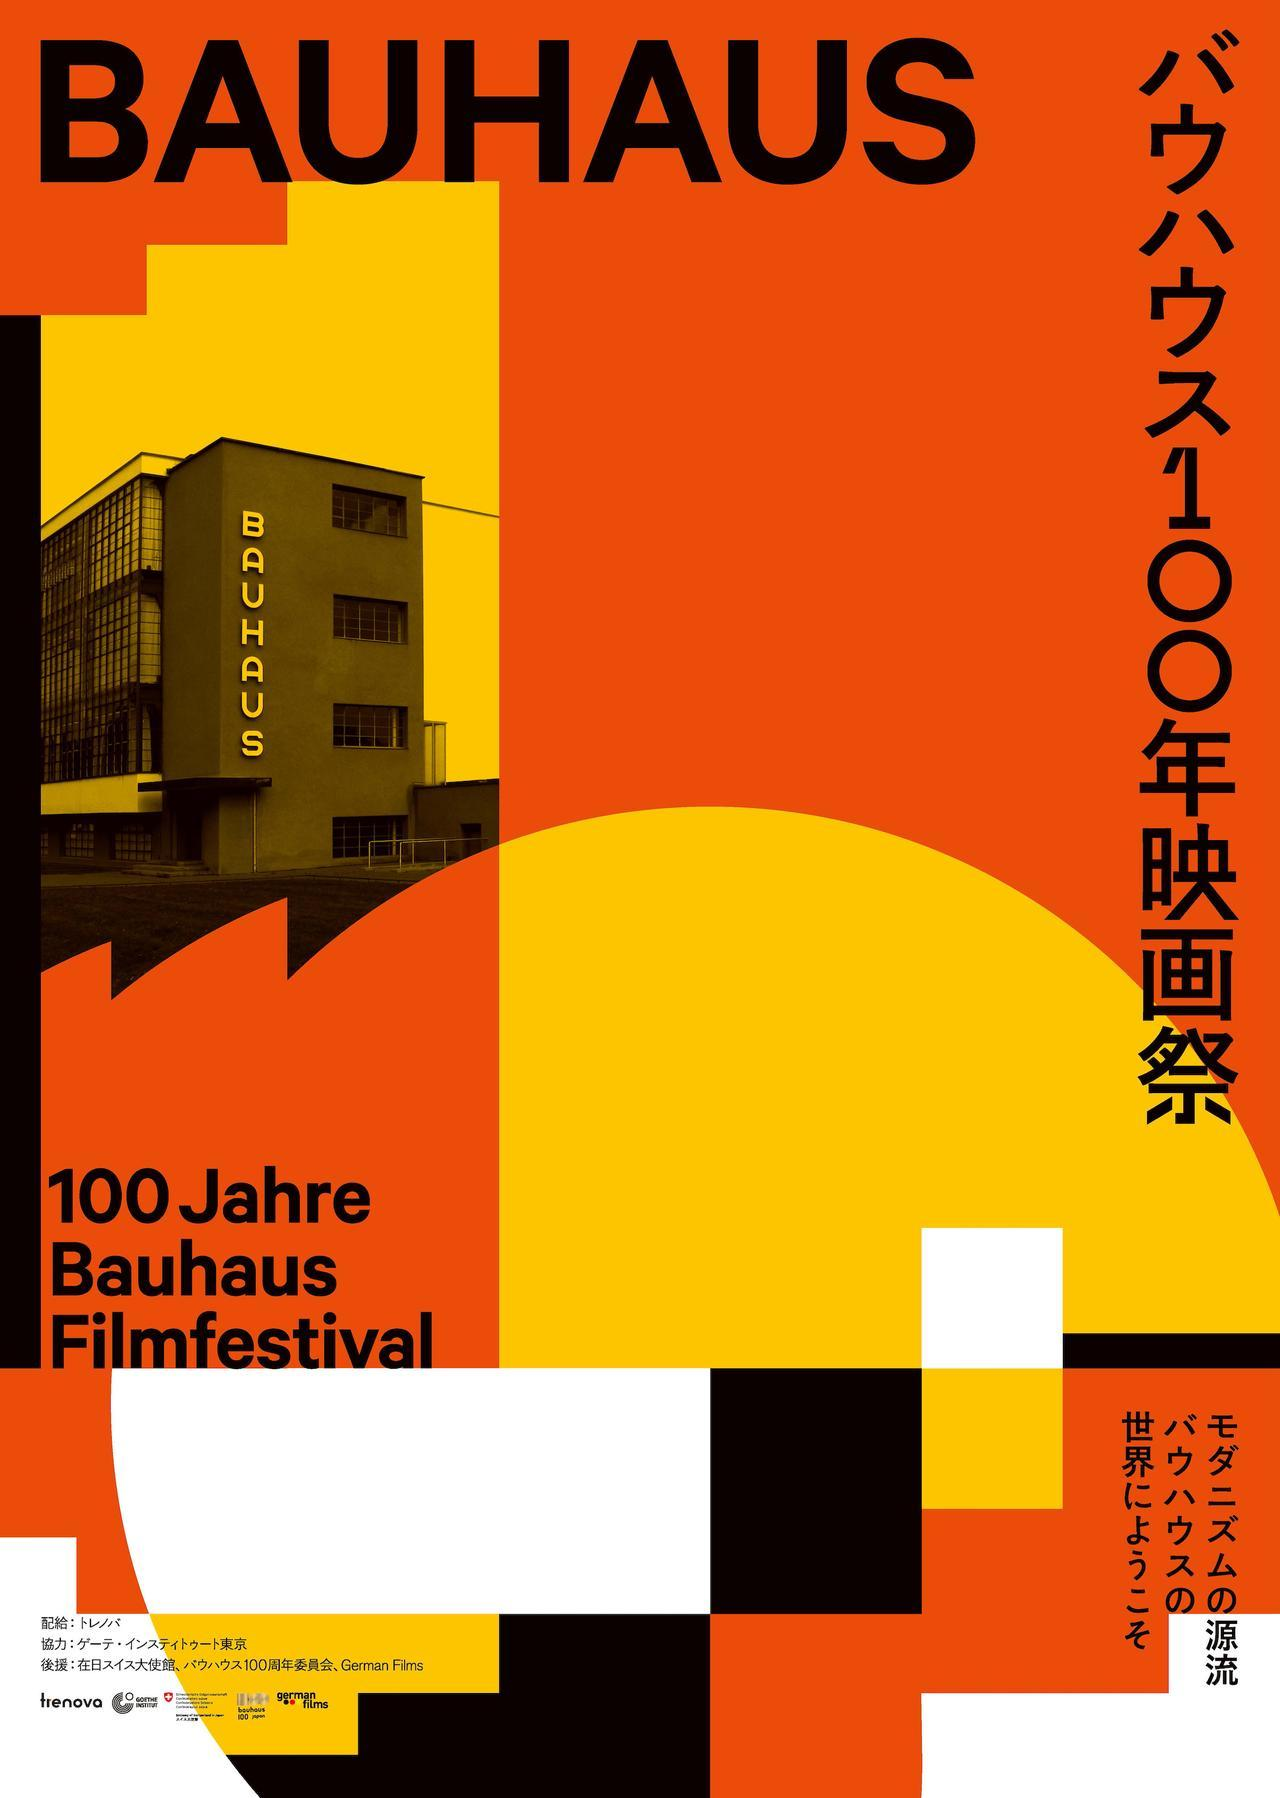 """画像: 『バウハウス100年映画祭』予告!20世紀のドイツに生まれたデザイン・アート・建築の奇跡— 世界中の芸術・建築に影響を与え続ける""""バウハウス""""とは何なのか?"""